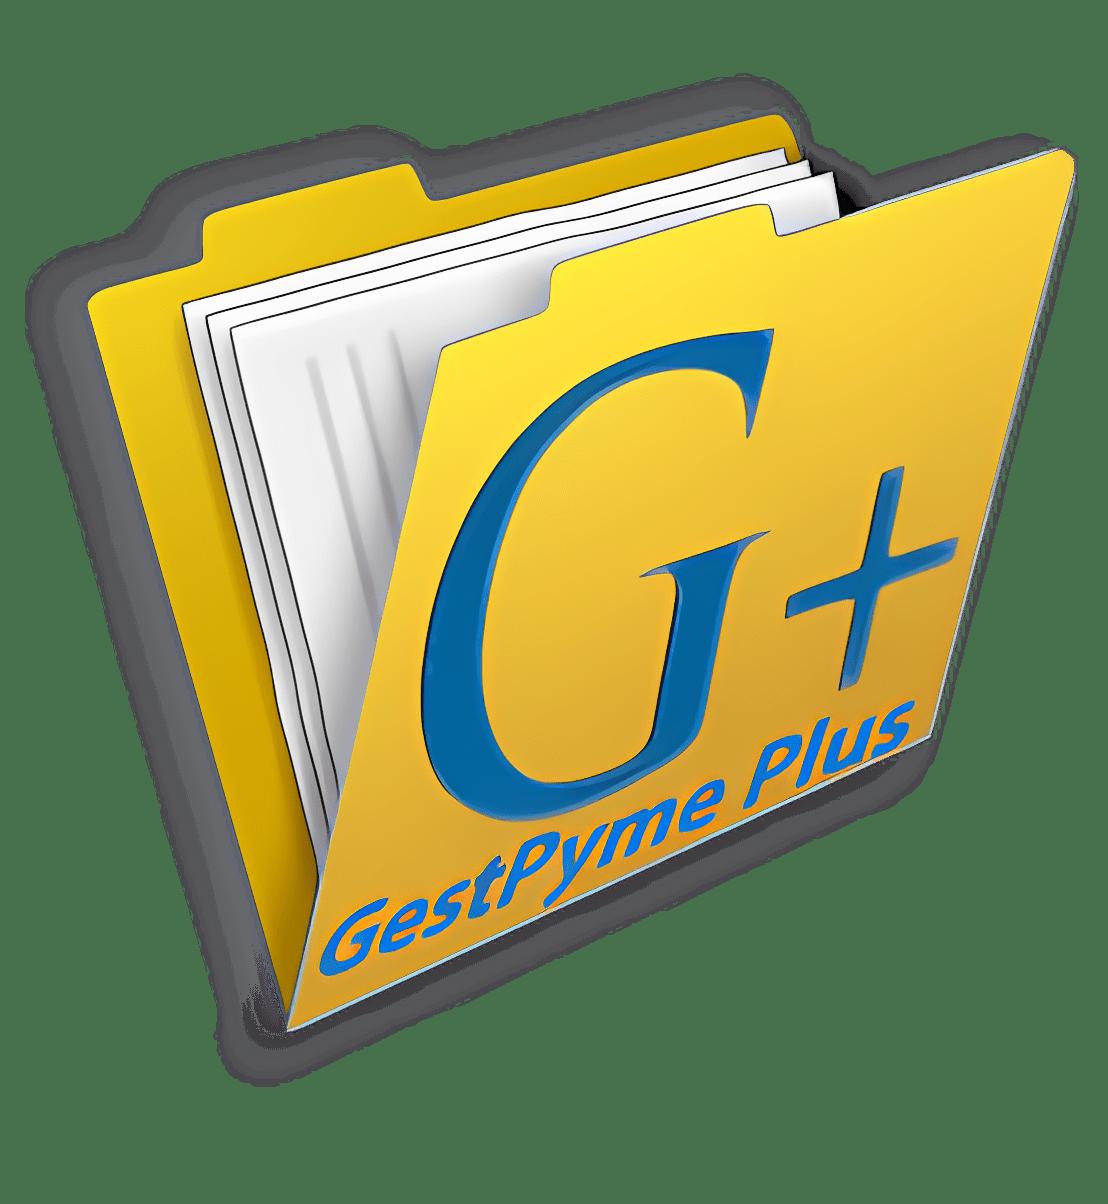 Gestpyme PLus 2.2